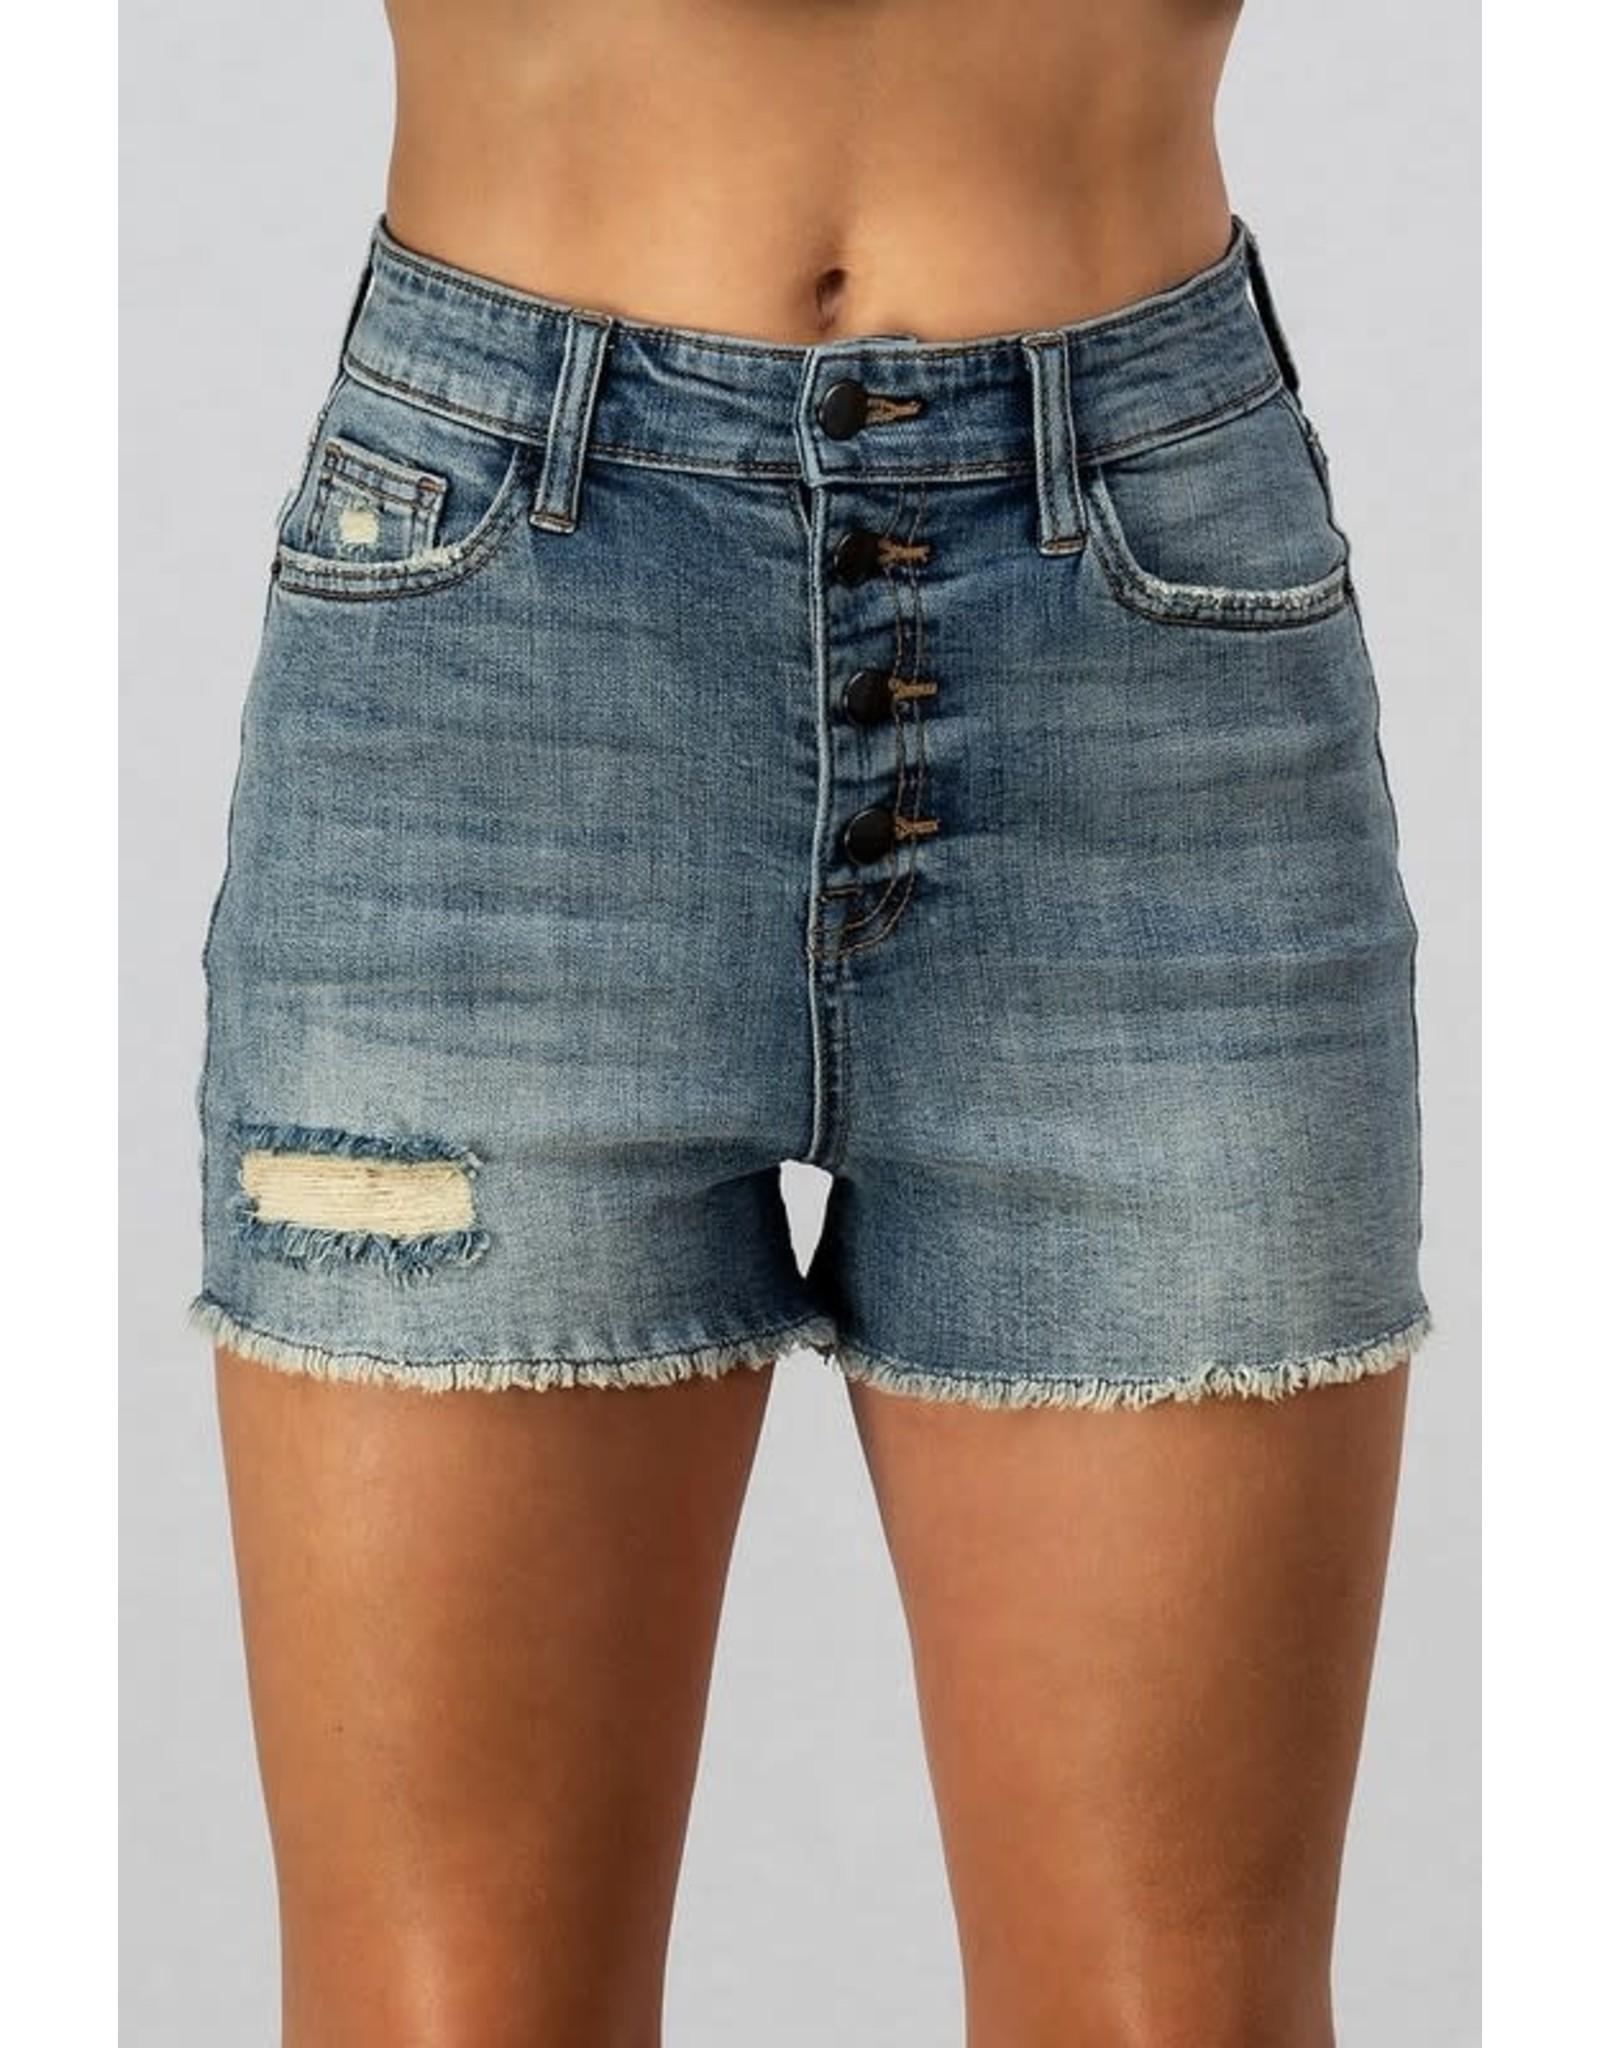 Cali Girl Shorts